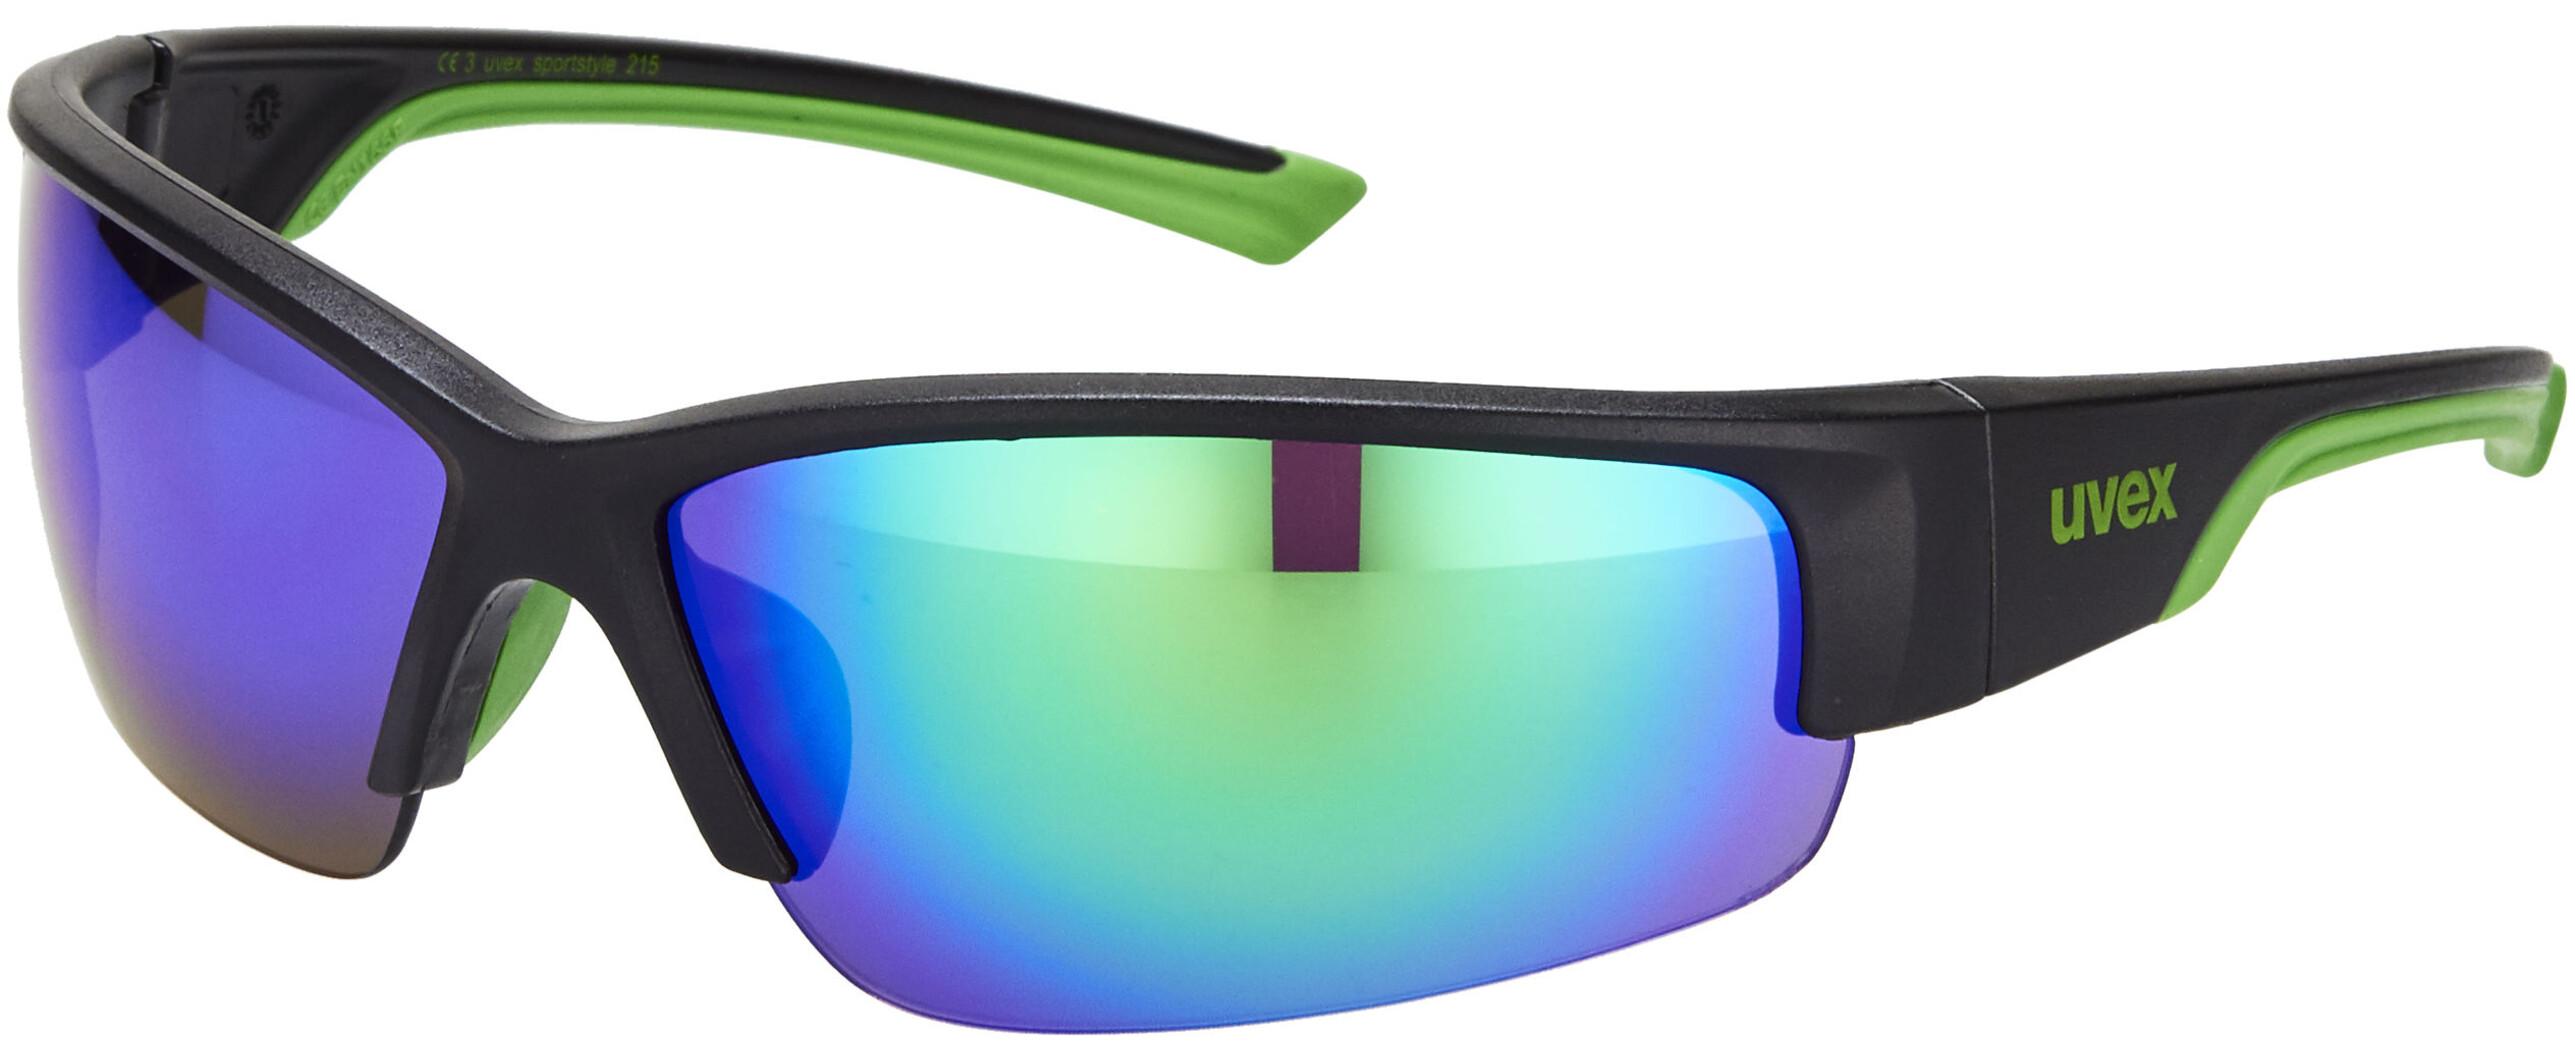 a5cd72e4d69f26 UVEX sportstyle 215 Brillenglas zwart I Eenvoudig online bij Bikester